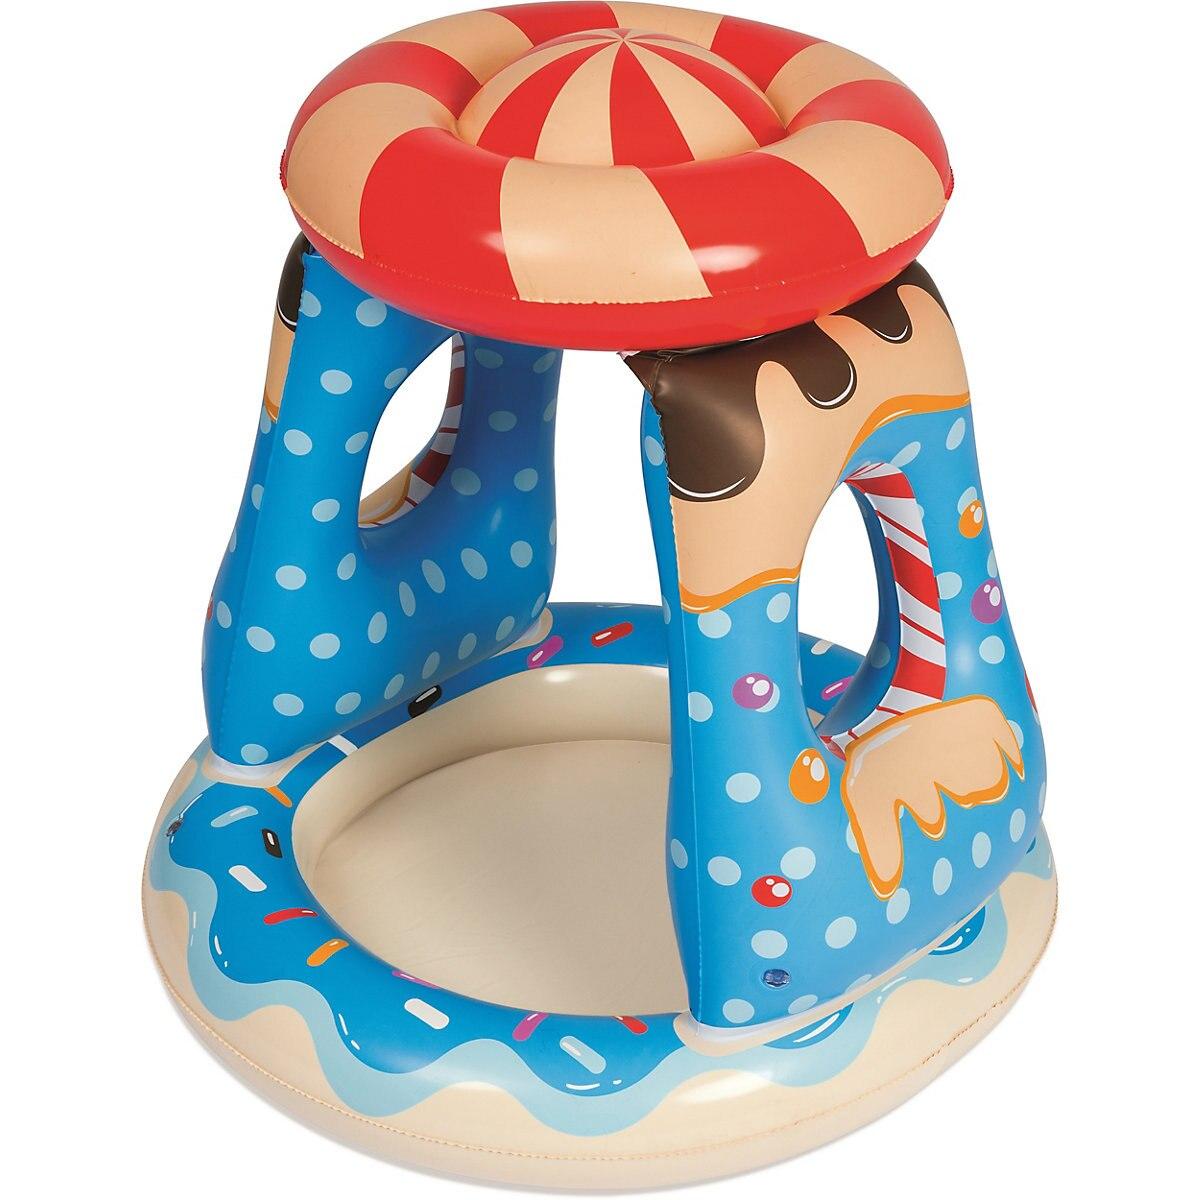 BESTWAY Piscina 10877404 piscinas infláveis Acessórios Atividade & Gear MTpromo banheira Do Bebê Dos Miúdos para crianças